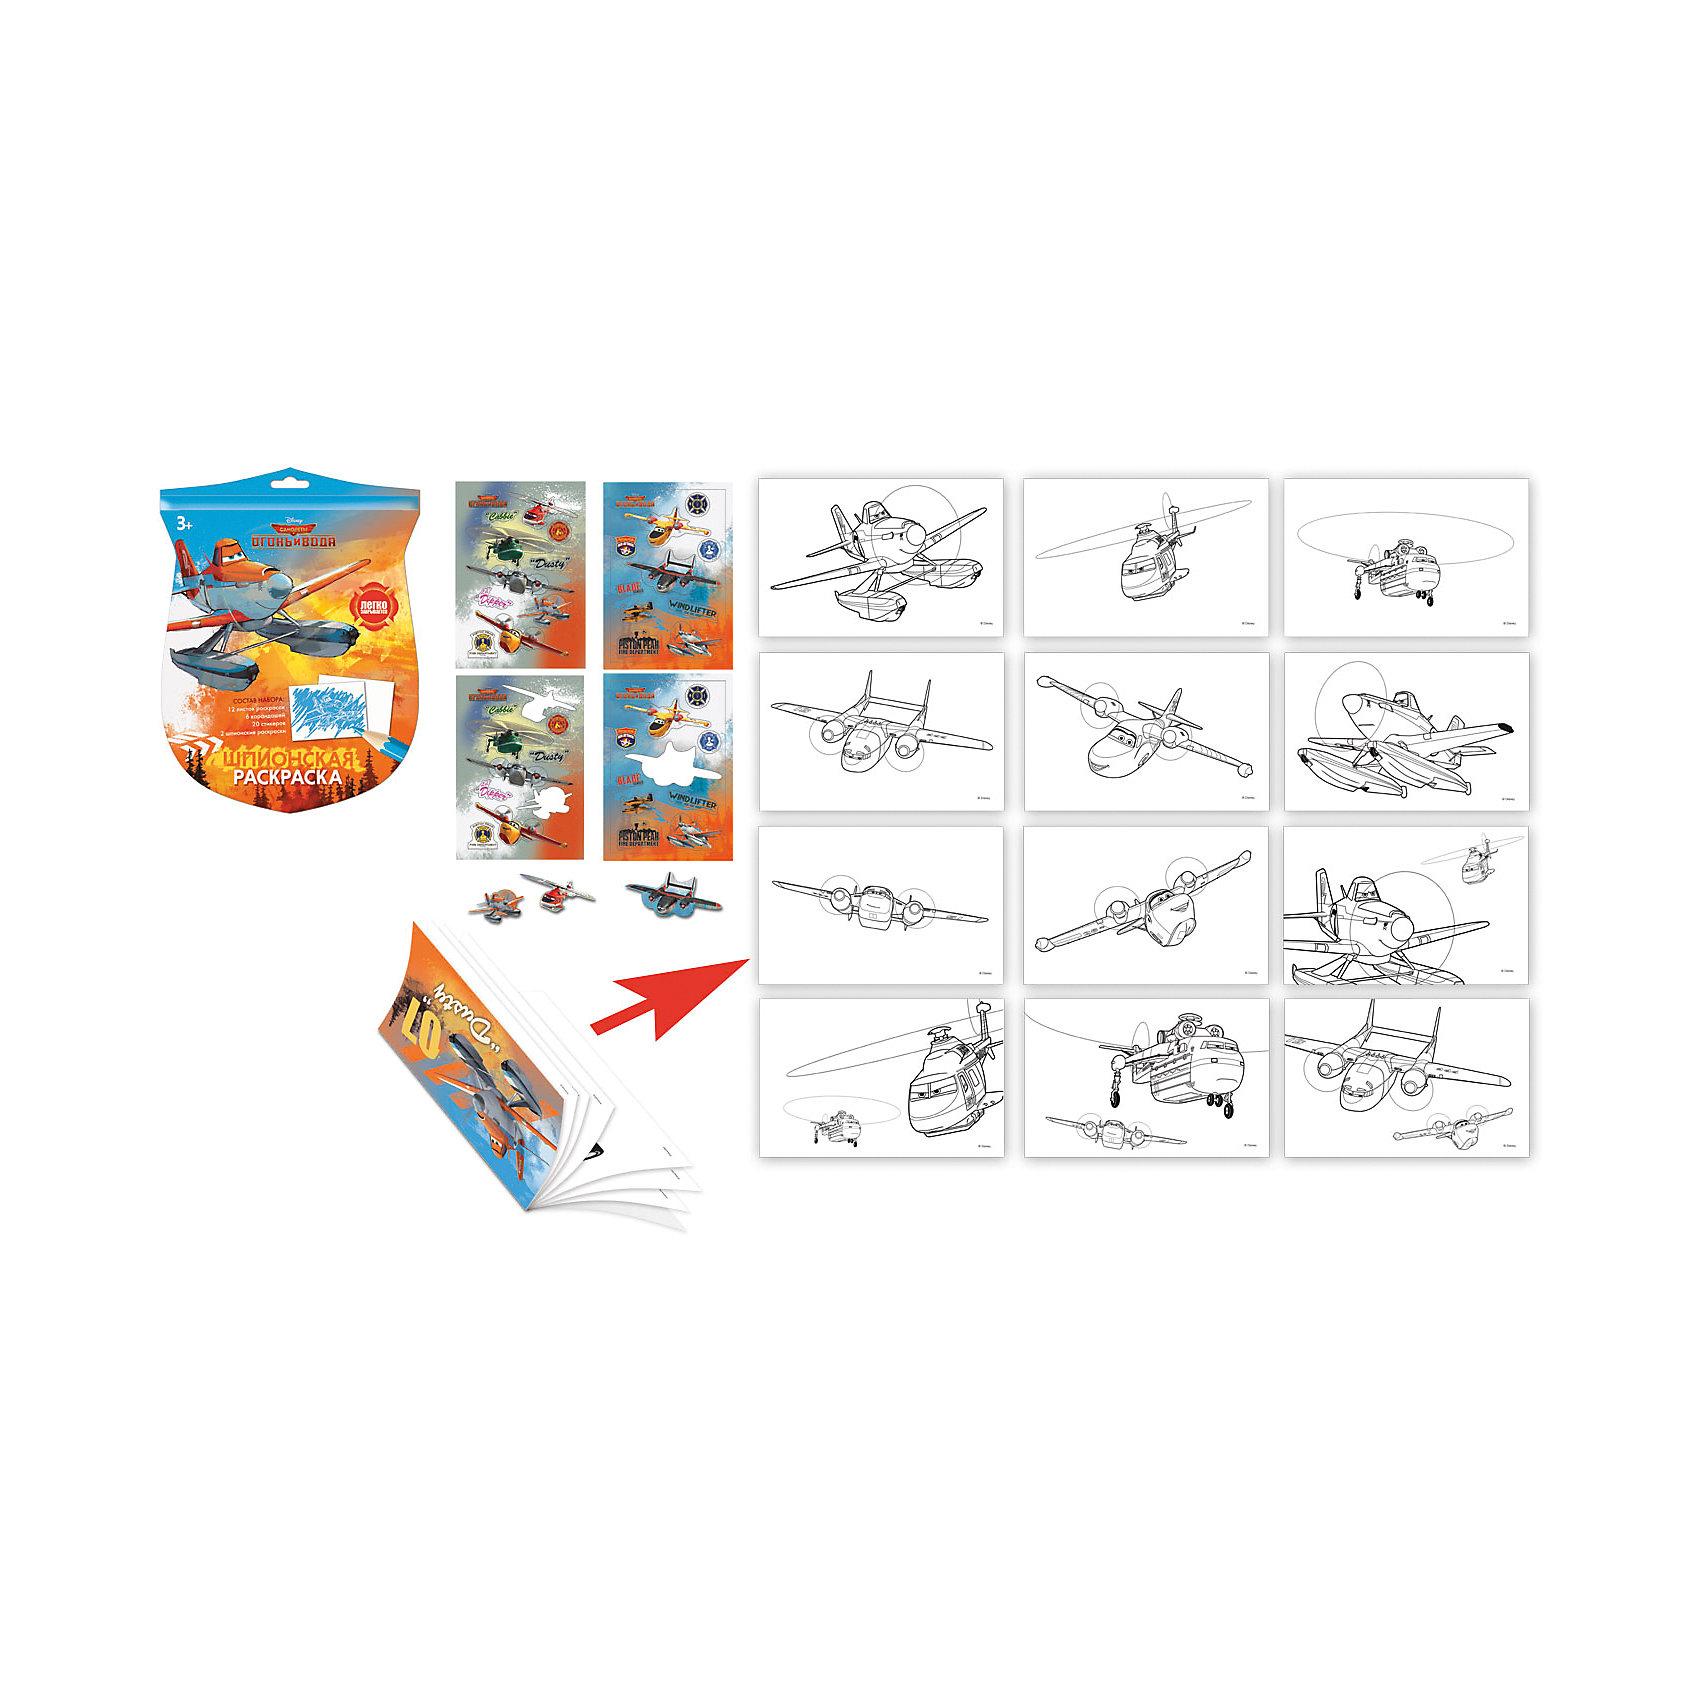 Набор для рисования Раскраска шпиона Disney СамолетыНаборы для раскрашивания<br>Характеристики:<br><br>• возраст: от 6 лет<br>• в наборе: 6 карандашей, 2 секретных листа, 20 наклеек, раскраска-книжка<br>• упаковка: фигурная металлизированная упаковка с зип-локом<br>• размер упаковки: 25х19,5 см.<br><br>Шпионская раскраска Disney Самолеты это удивительный набор, сочетающий в себе листы с проявляющимися рисунками, книжку с раскрасками и красивые наклейки, которые можно наклеить на любую ровную поверхность. Ребёнок точно не останется равнодушен к такому подарку. А увлекательный процесс раскрашивания и раскрытия тайны - займёт ребёнка на несколько часов.<br><br>Набор для рисования Раскраска шпиона Disney Самолеты можно купить в нашем интернет-магазине.<br><br>Ширина мм: 180<br>Глубина мм: 10<br>Высота мм: 245<br>Вес г: 73<br>Возраст от месяцев: 72<br>Возраст до месяцев: 108<br>Пол: Мужской<br>Возраст: Детский<br>SKU: 7029905